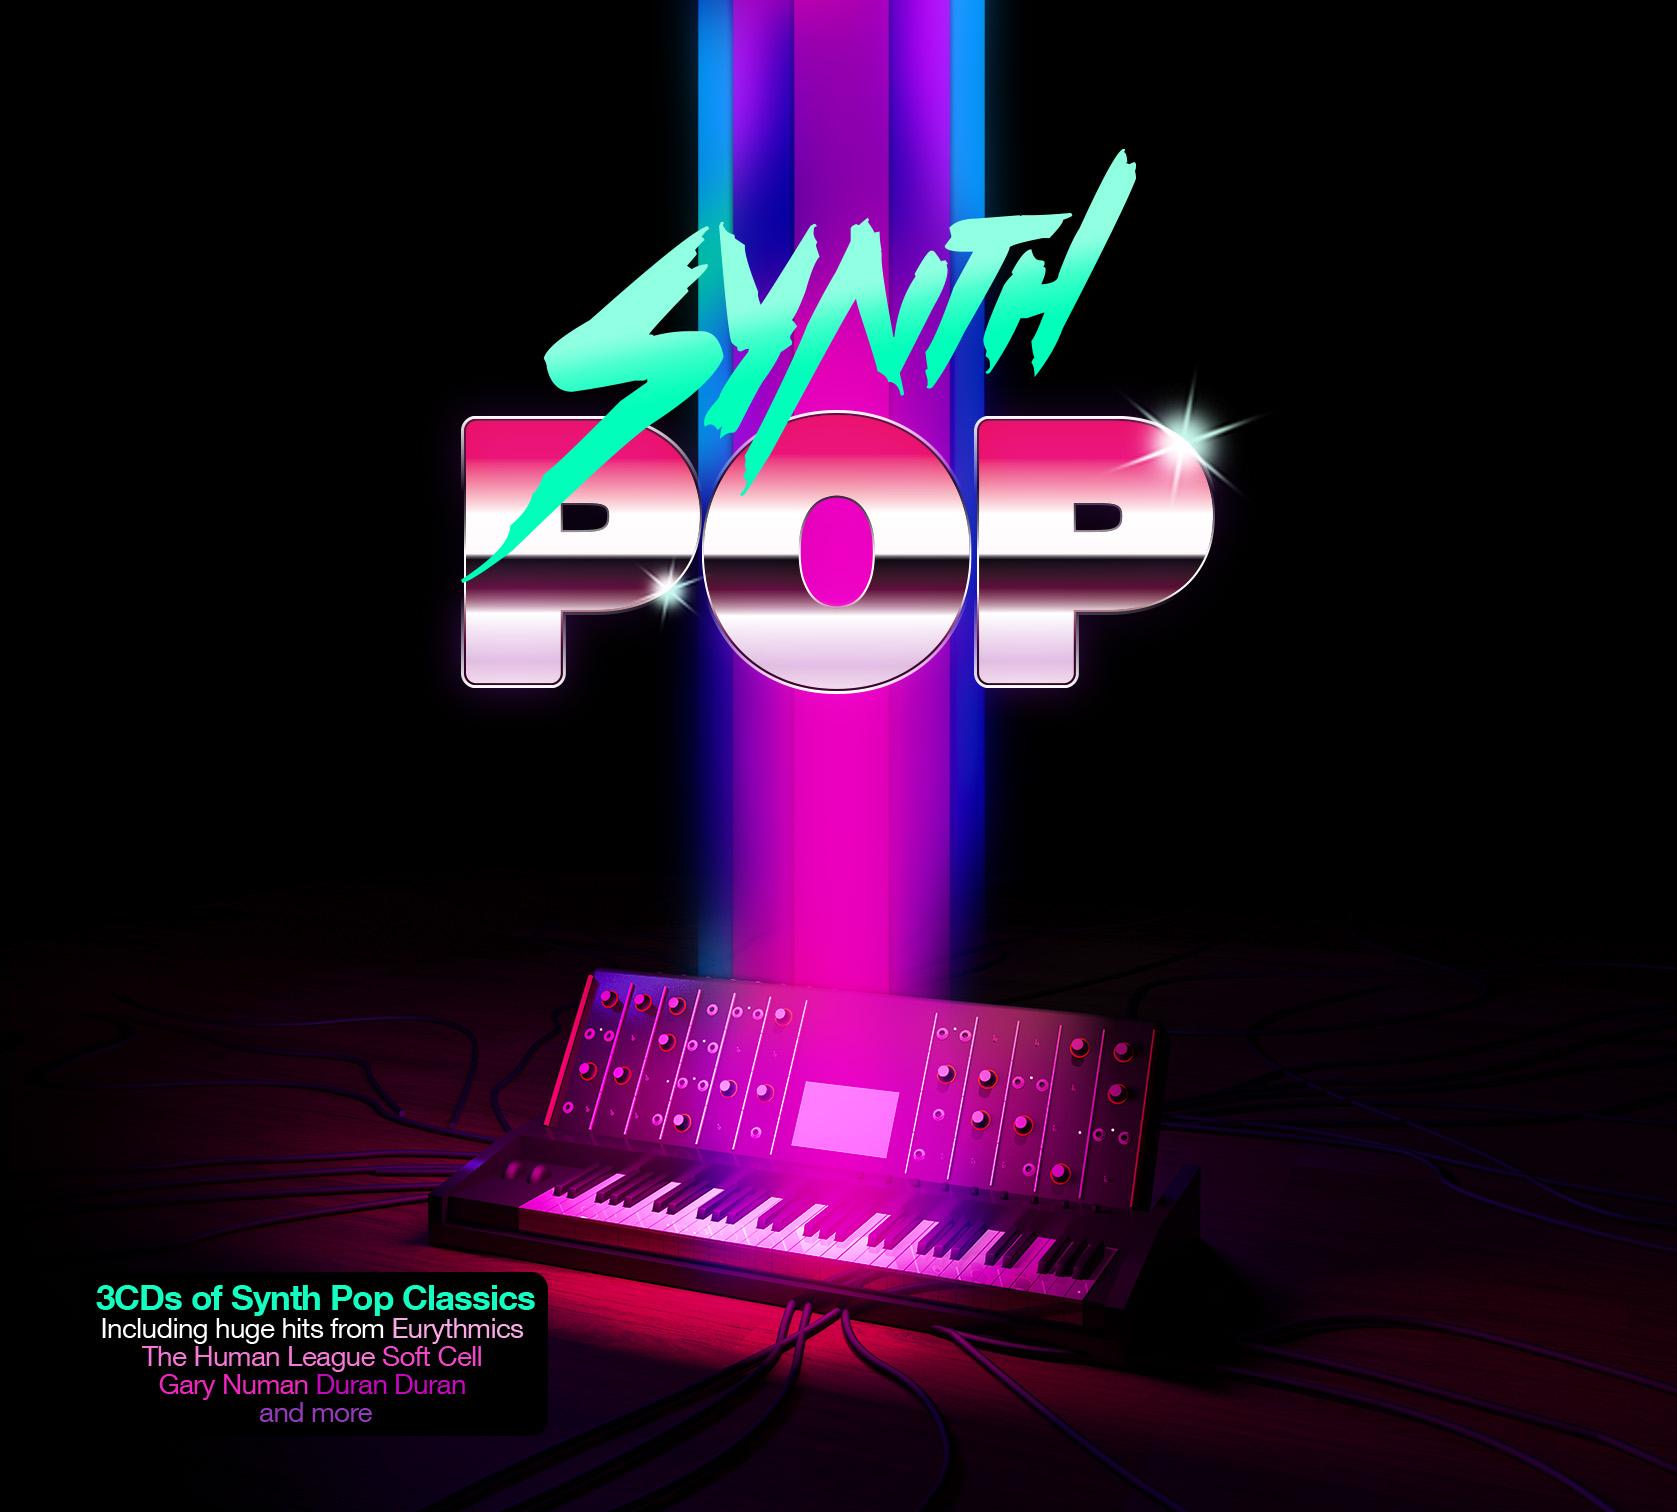 Synthpop80s-Cover_V3.jpg